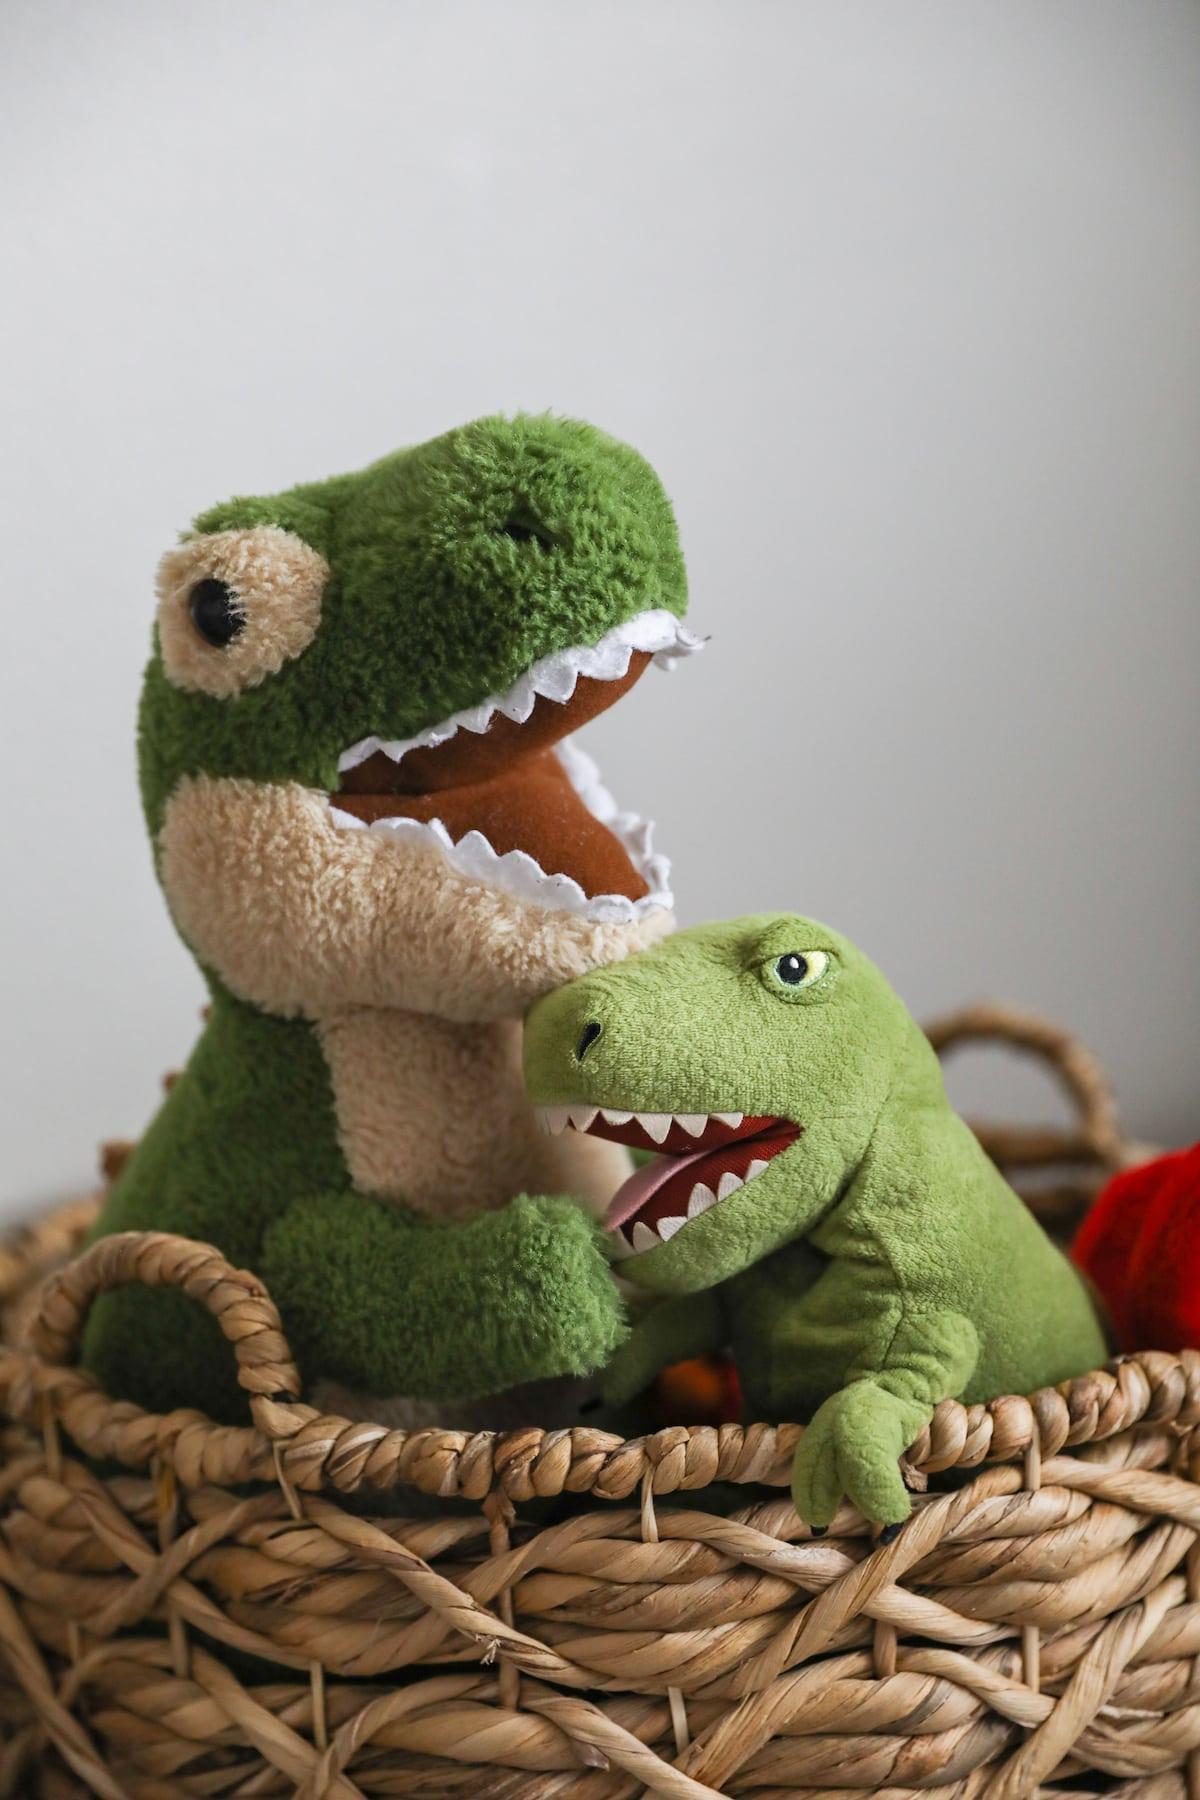 stuffed dinosaurs in basket